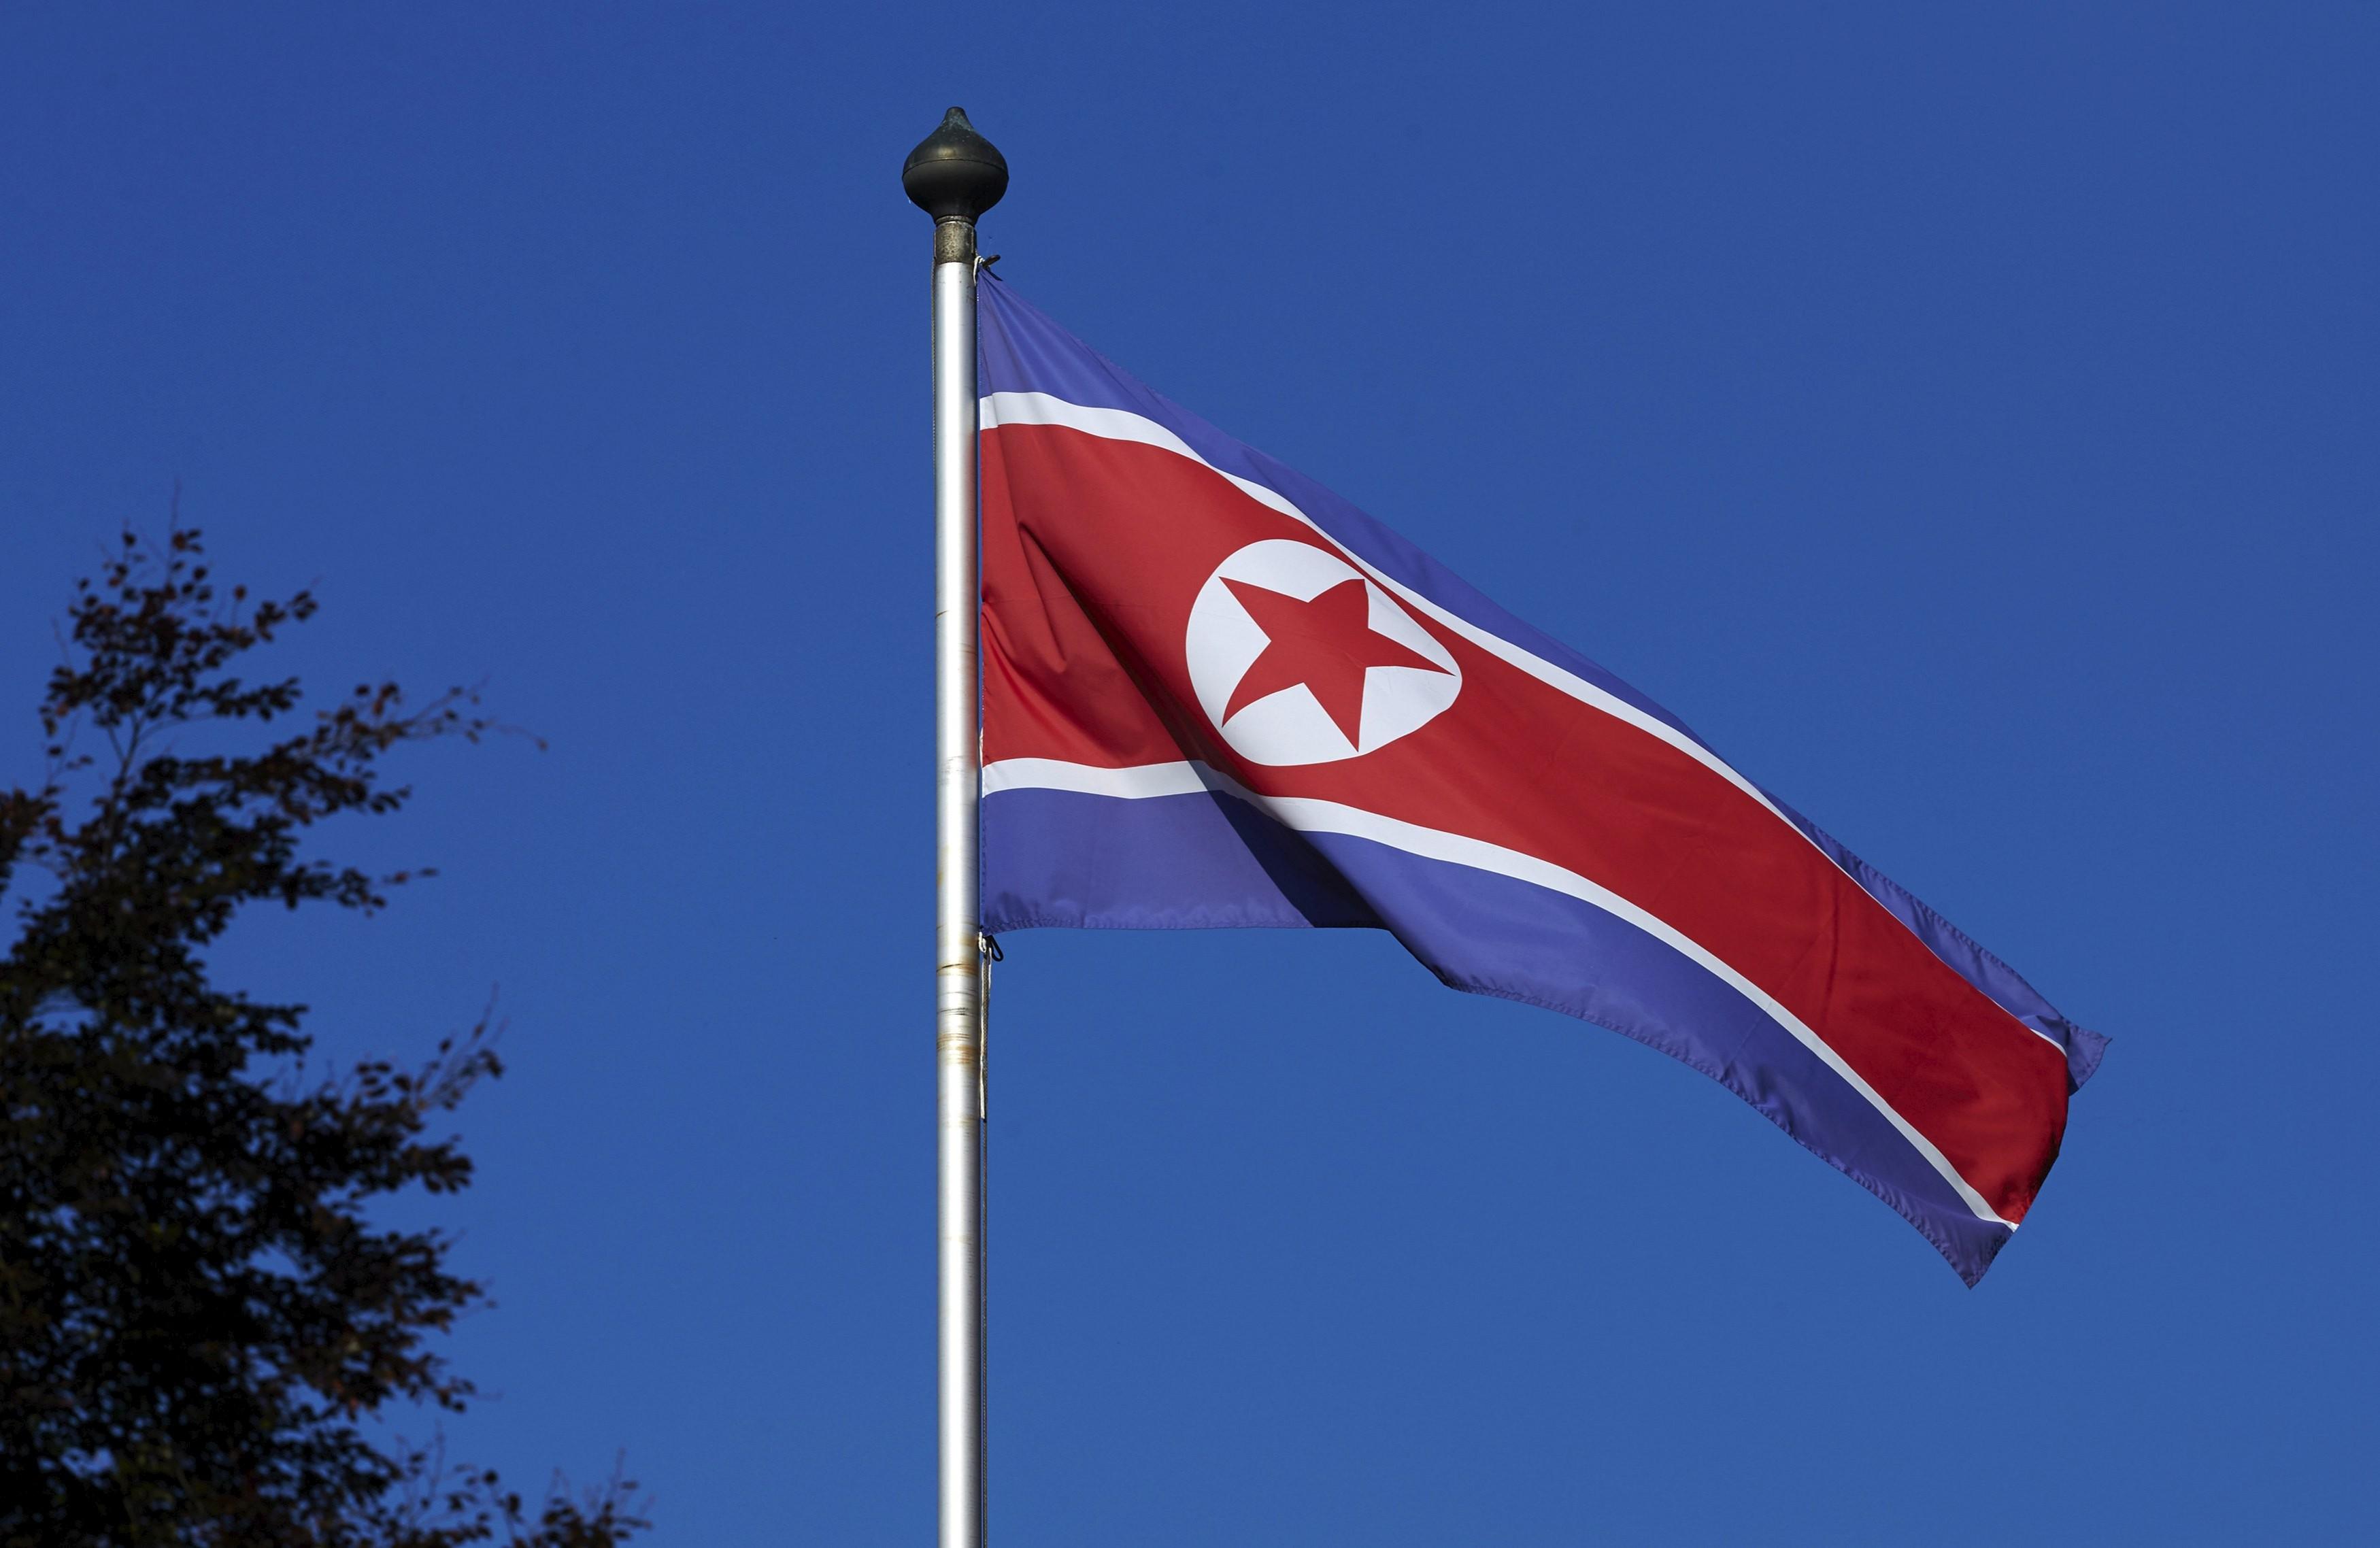 США вводят крупнейшие санкции против КНДР - Обновлено